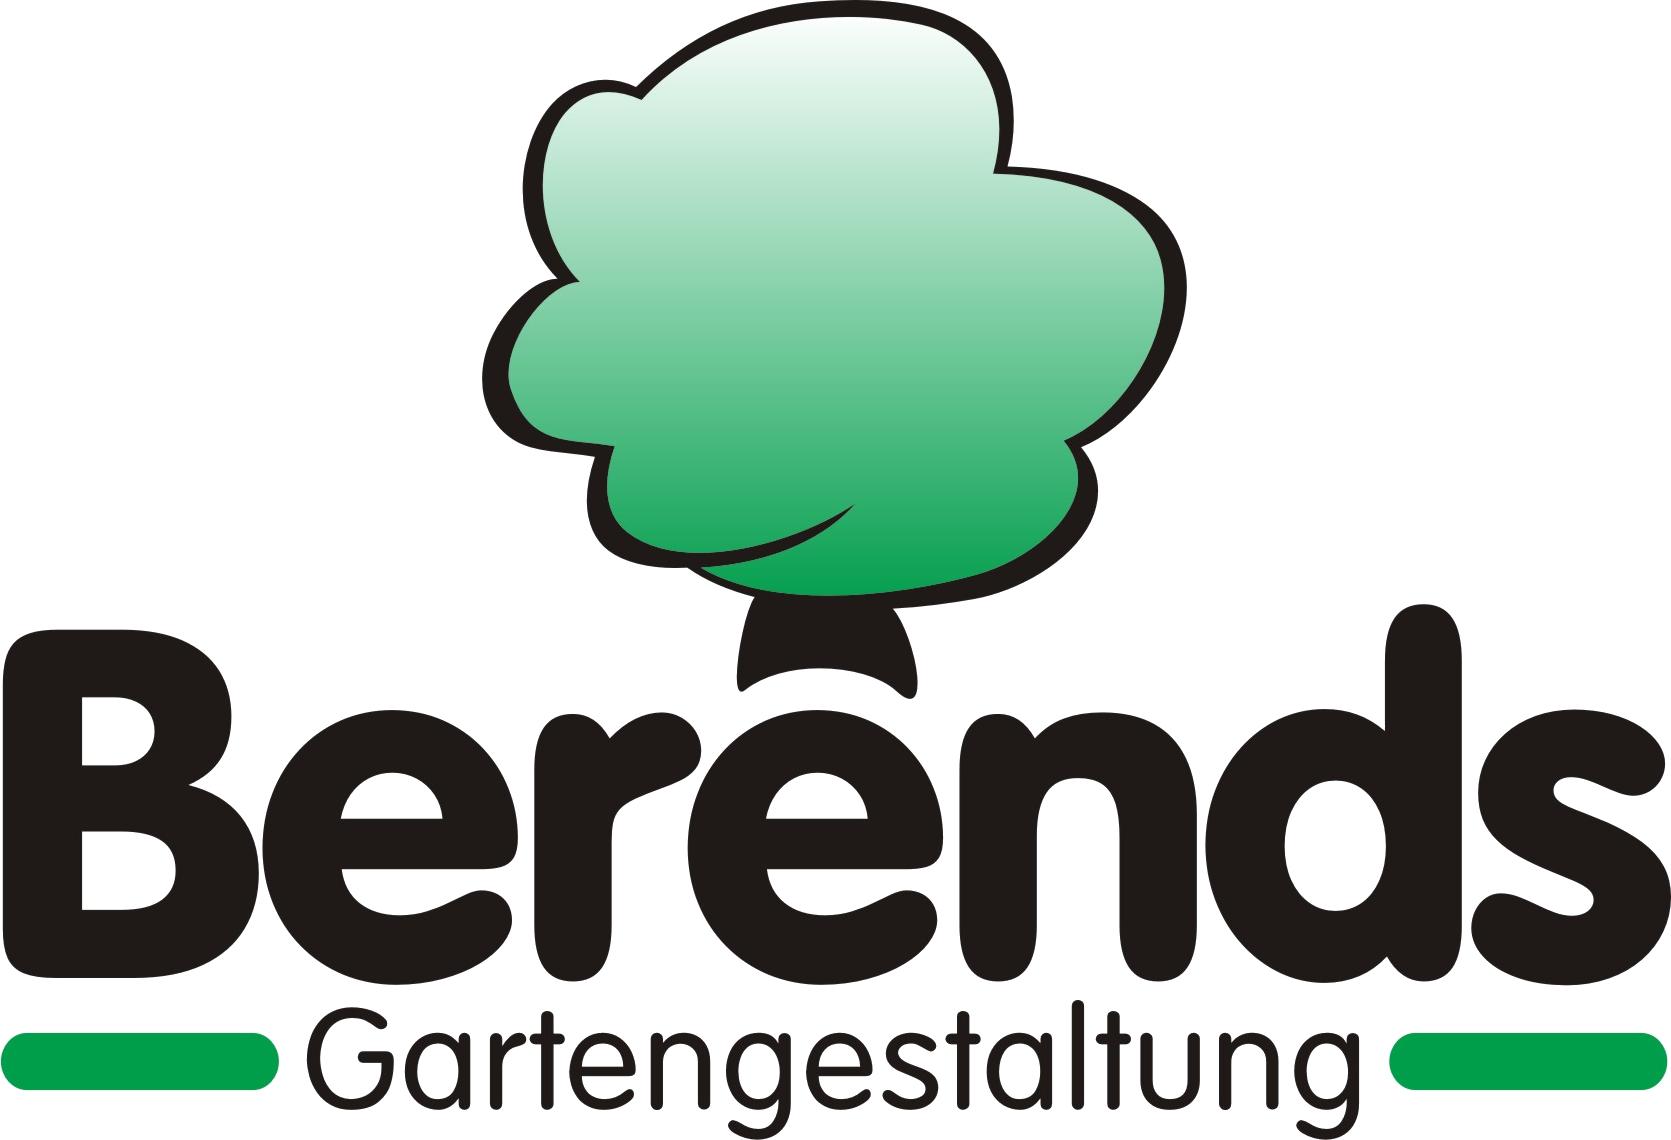 Garten und landschaftsbau hesel 26835 yellowmap for Gartengestaltung logo